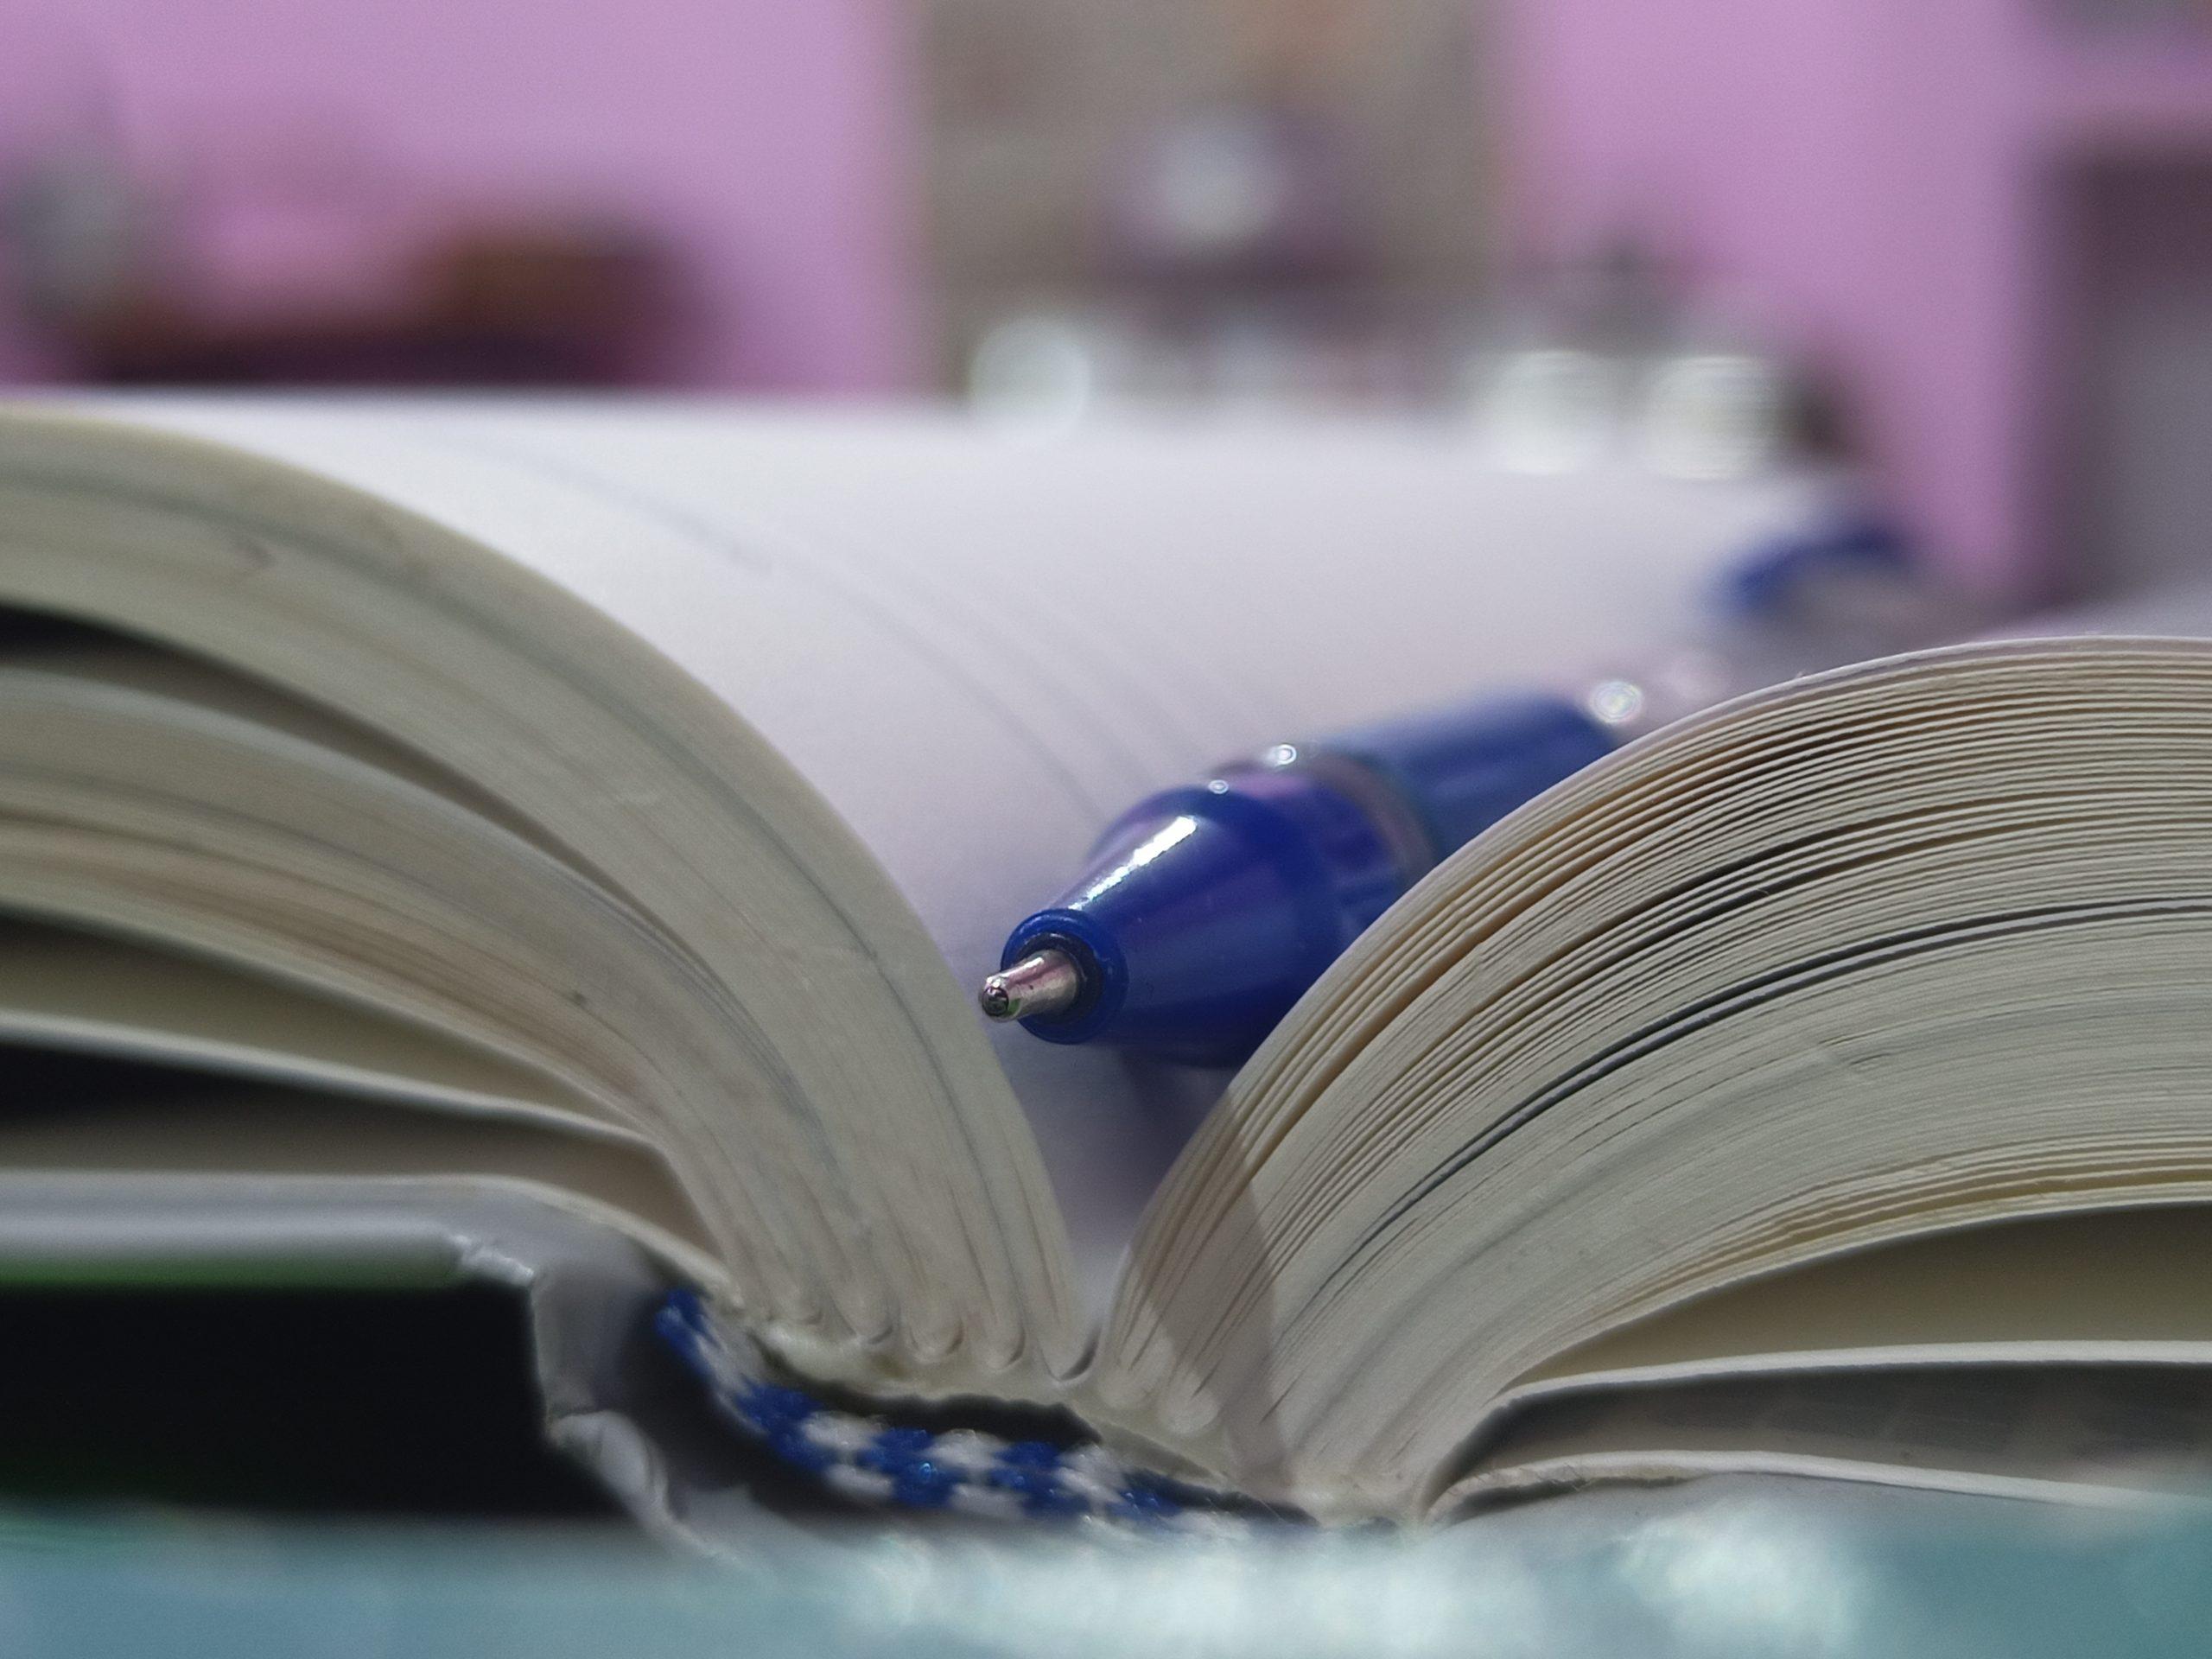 A pen in a book